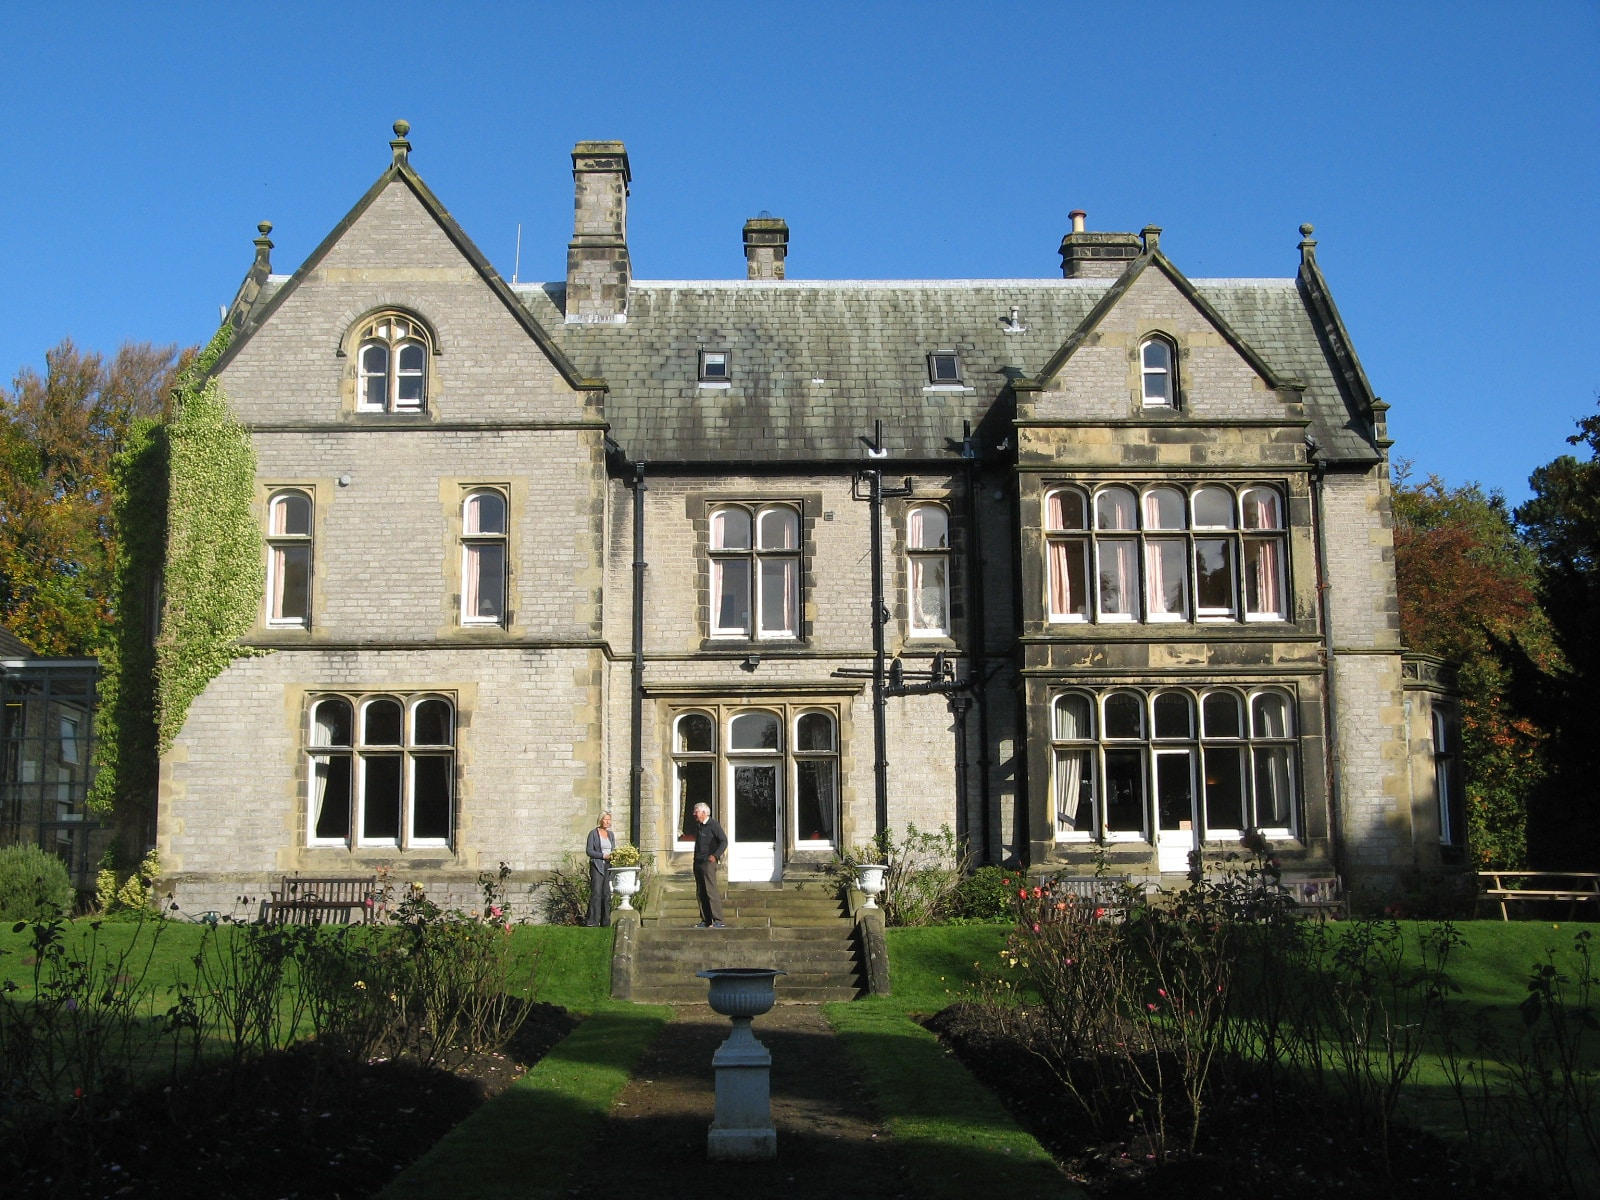 Losehill Hall